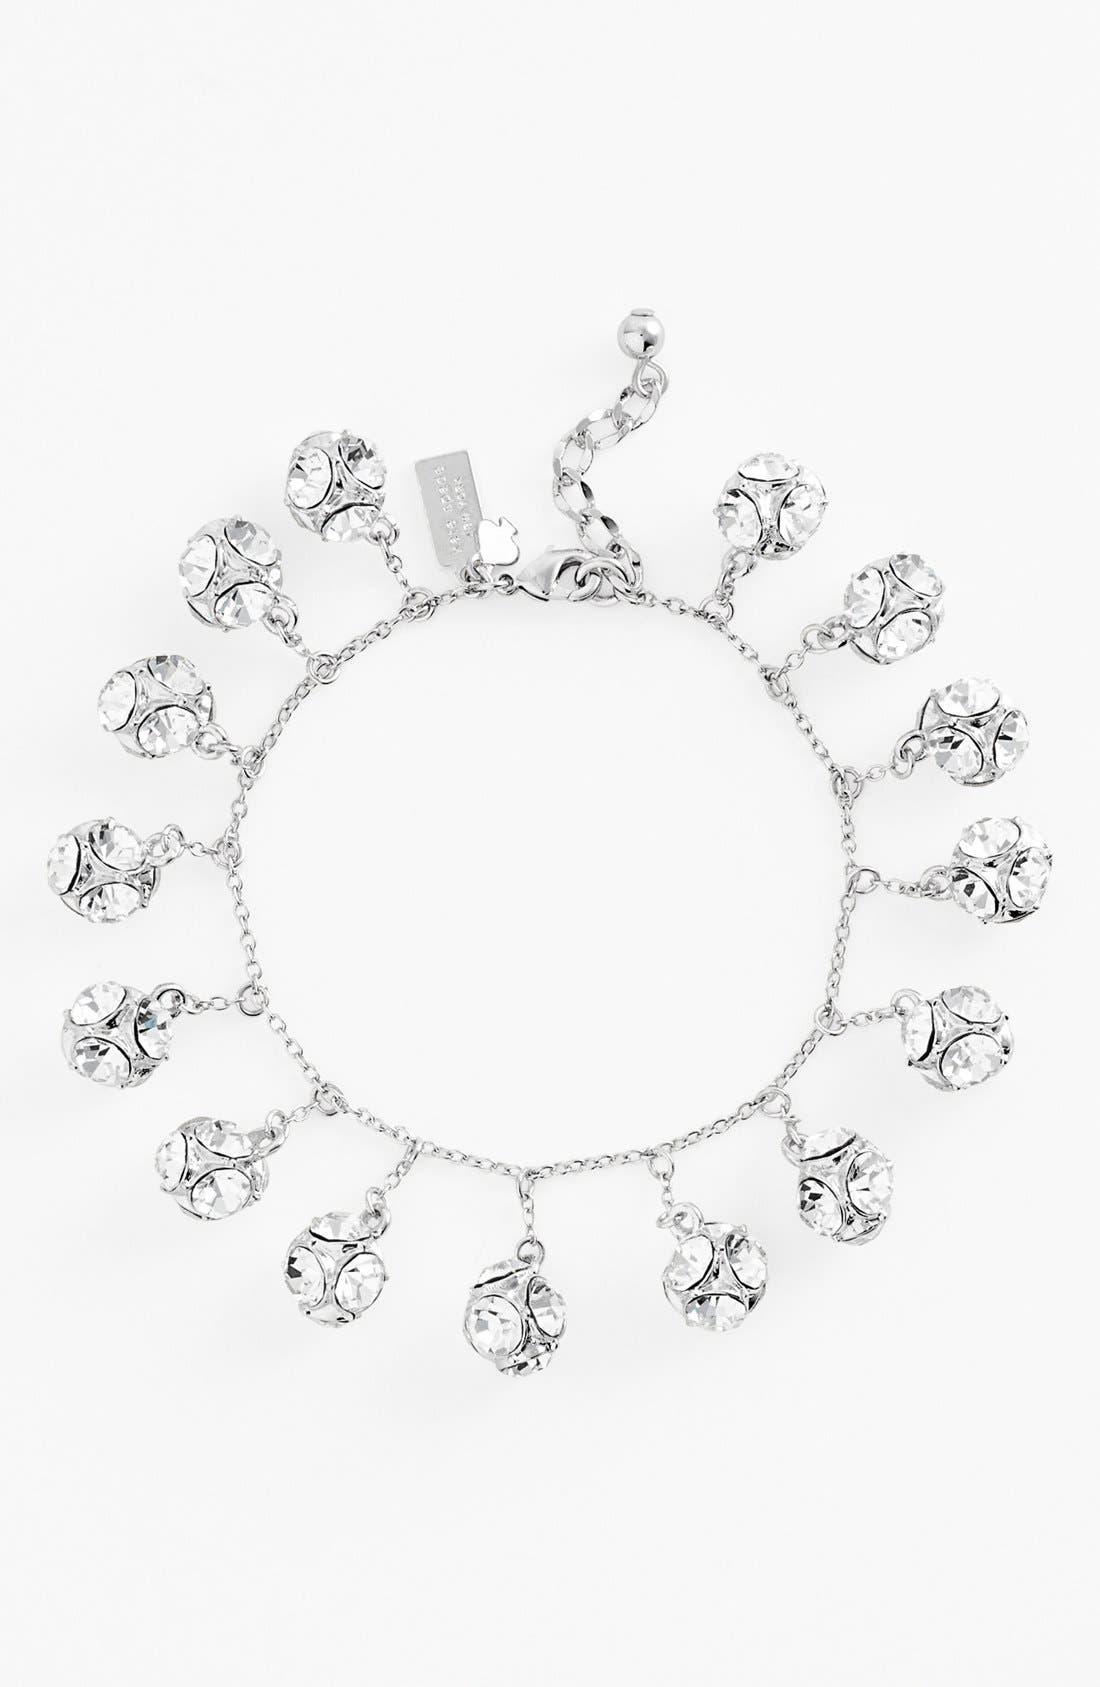 KATE SPADE NEW YORK,                             mini charm bracelet,                             Alternate thumbnail 2, color,                             040